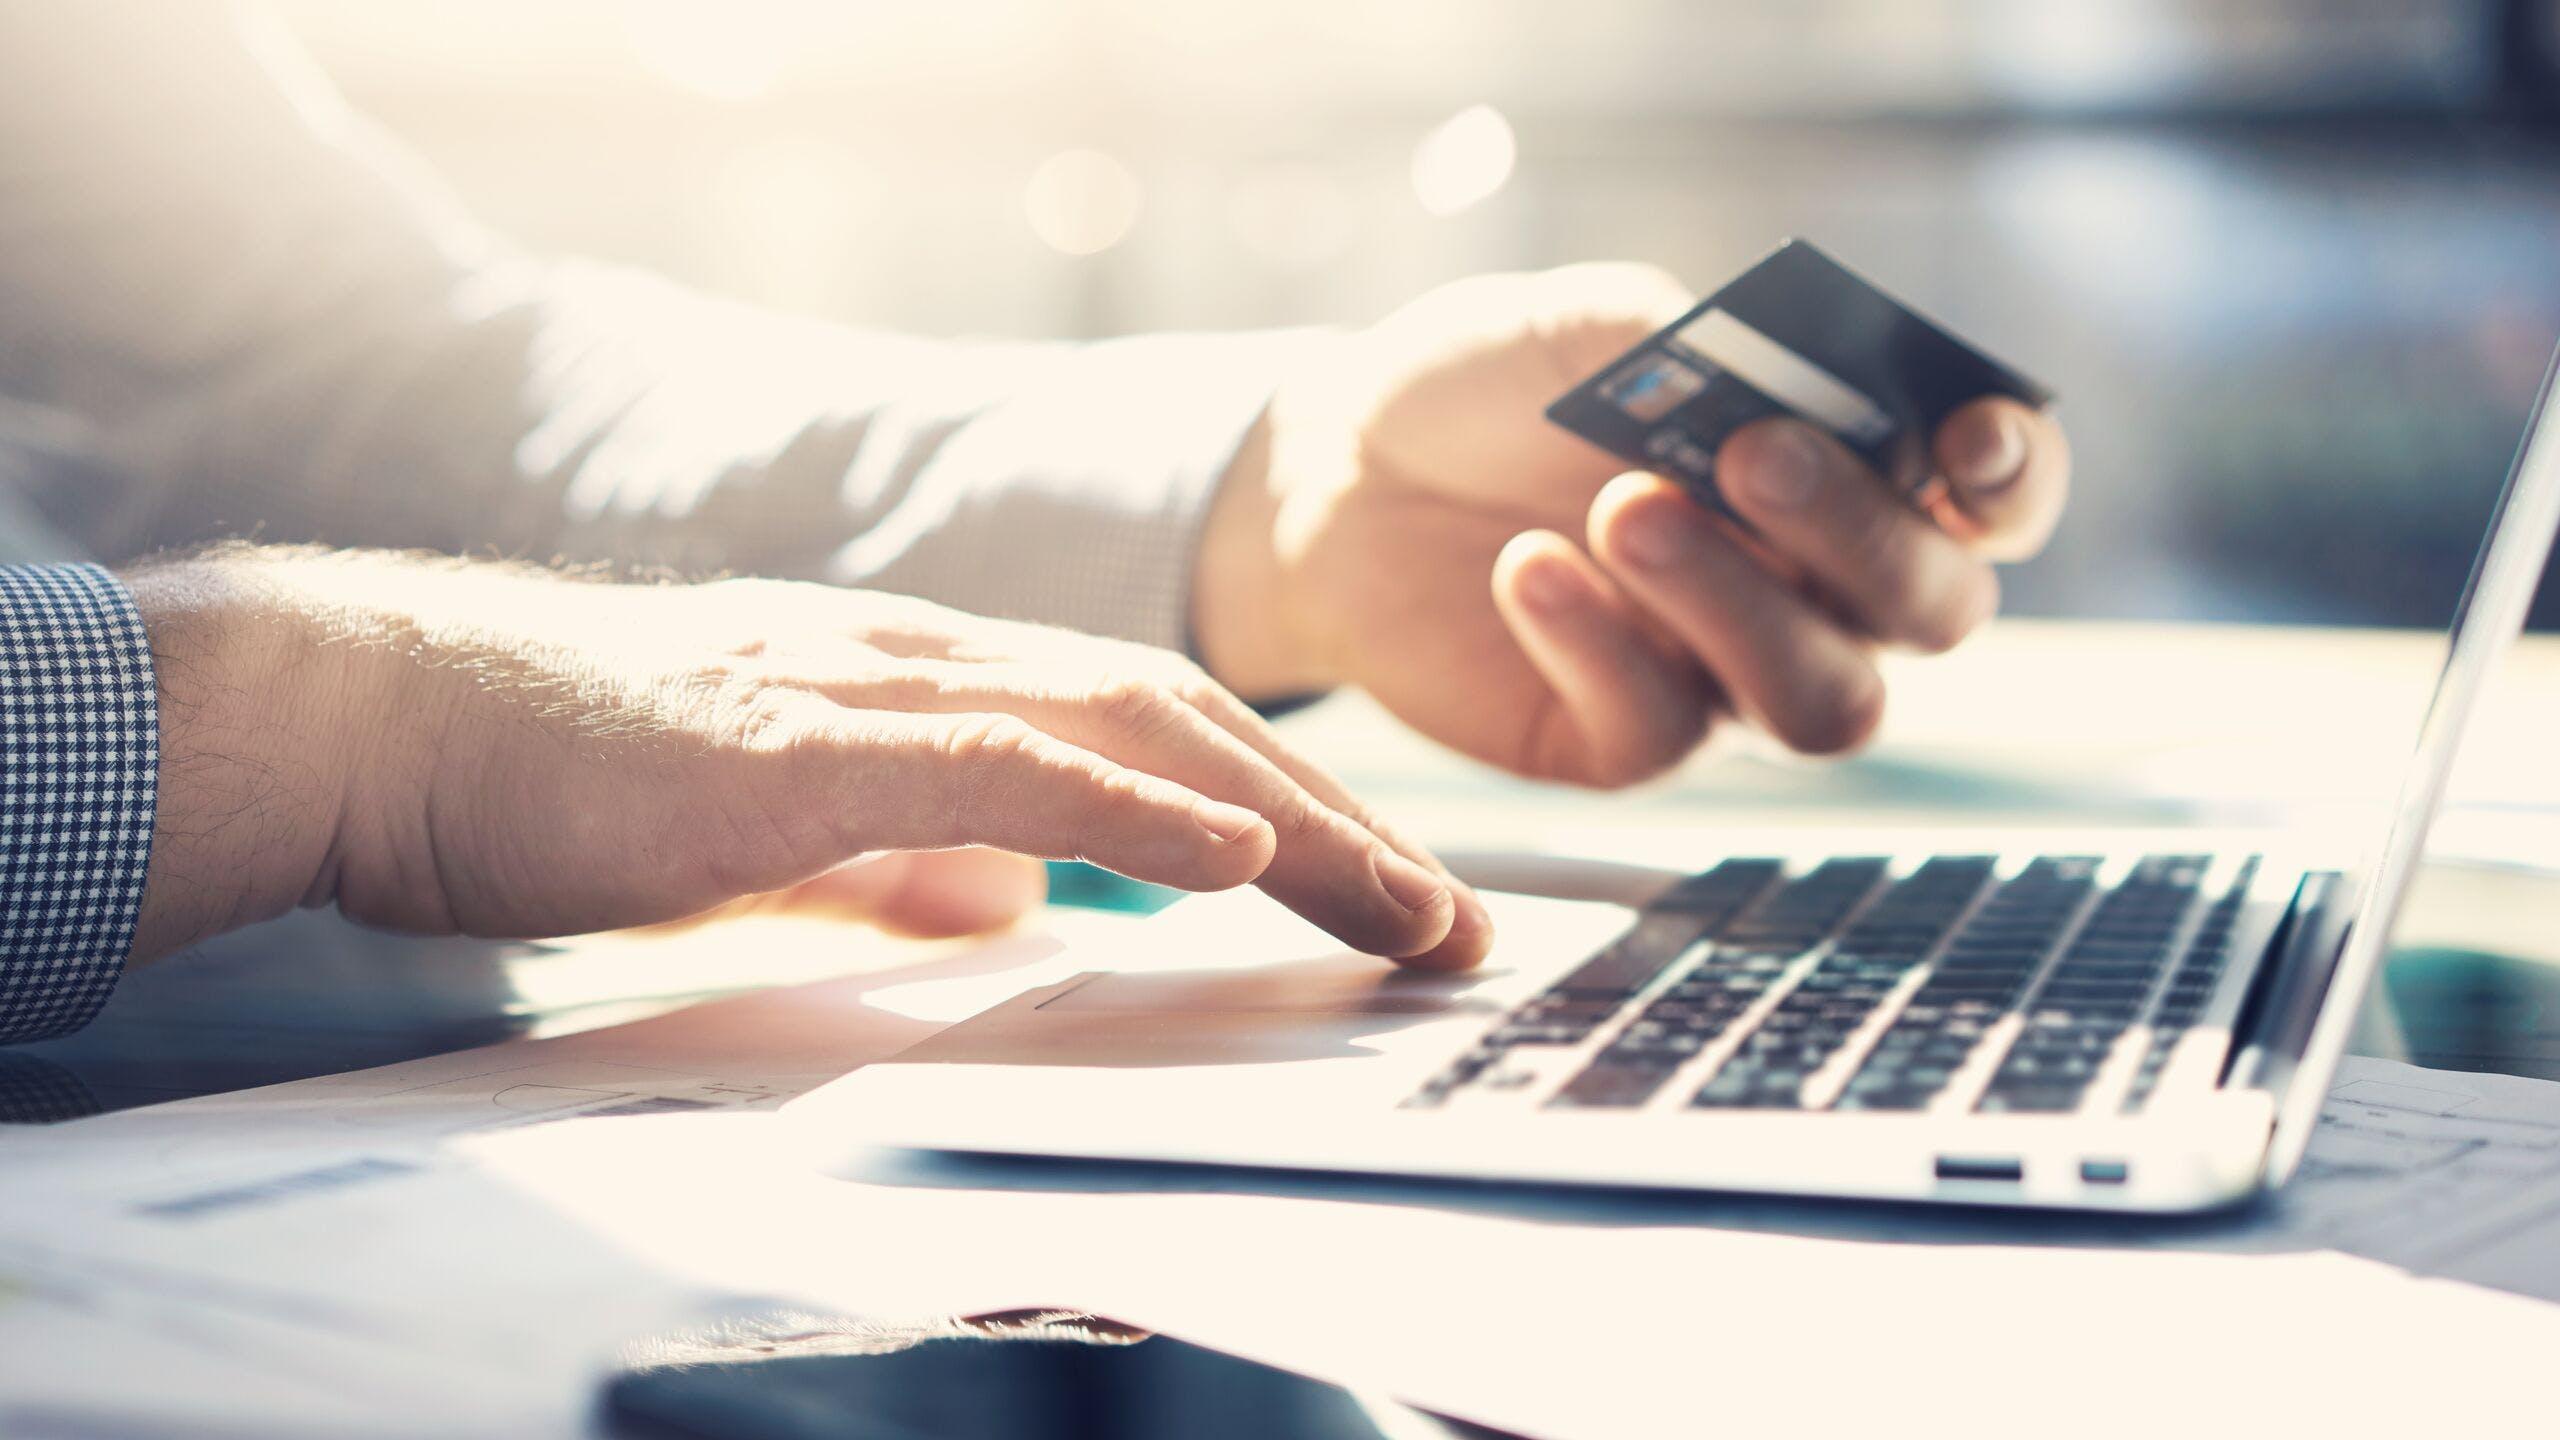 AXA Luxembourg - Enregistrer vos numéros de carte bancaire sur votre ordinateur